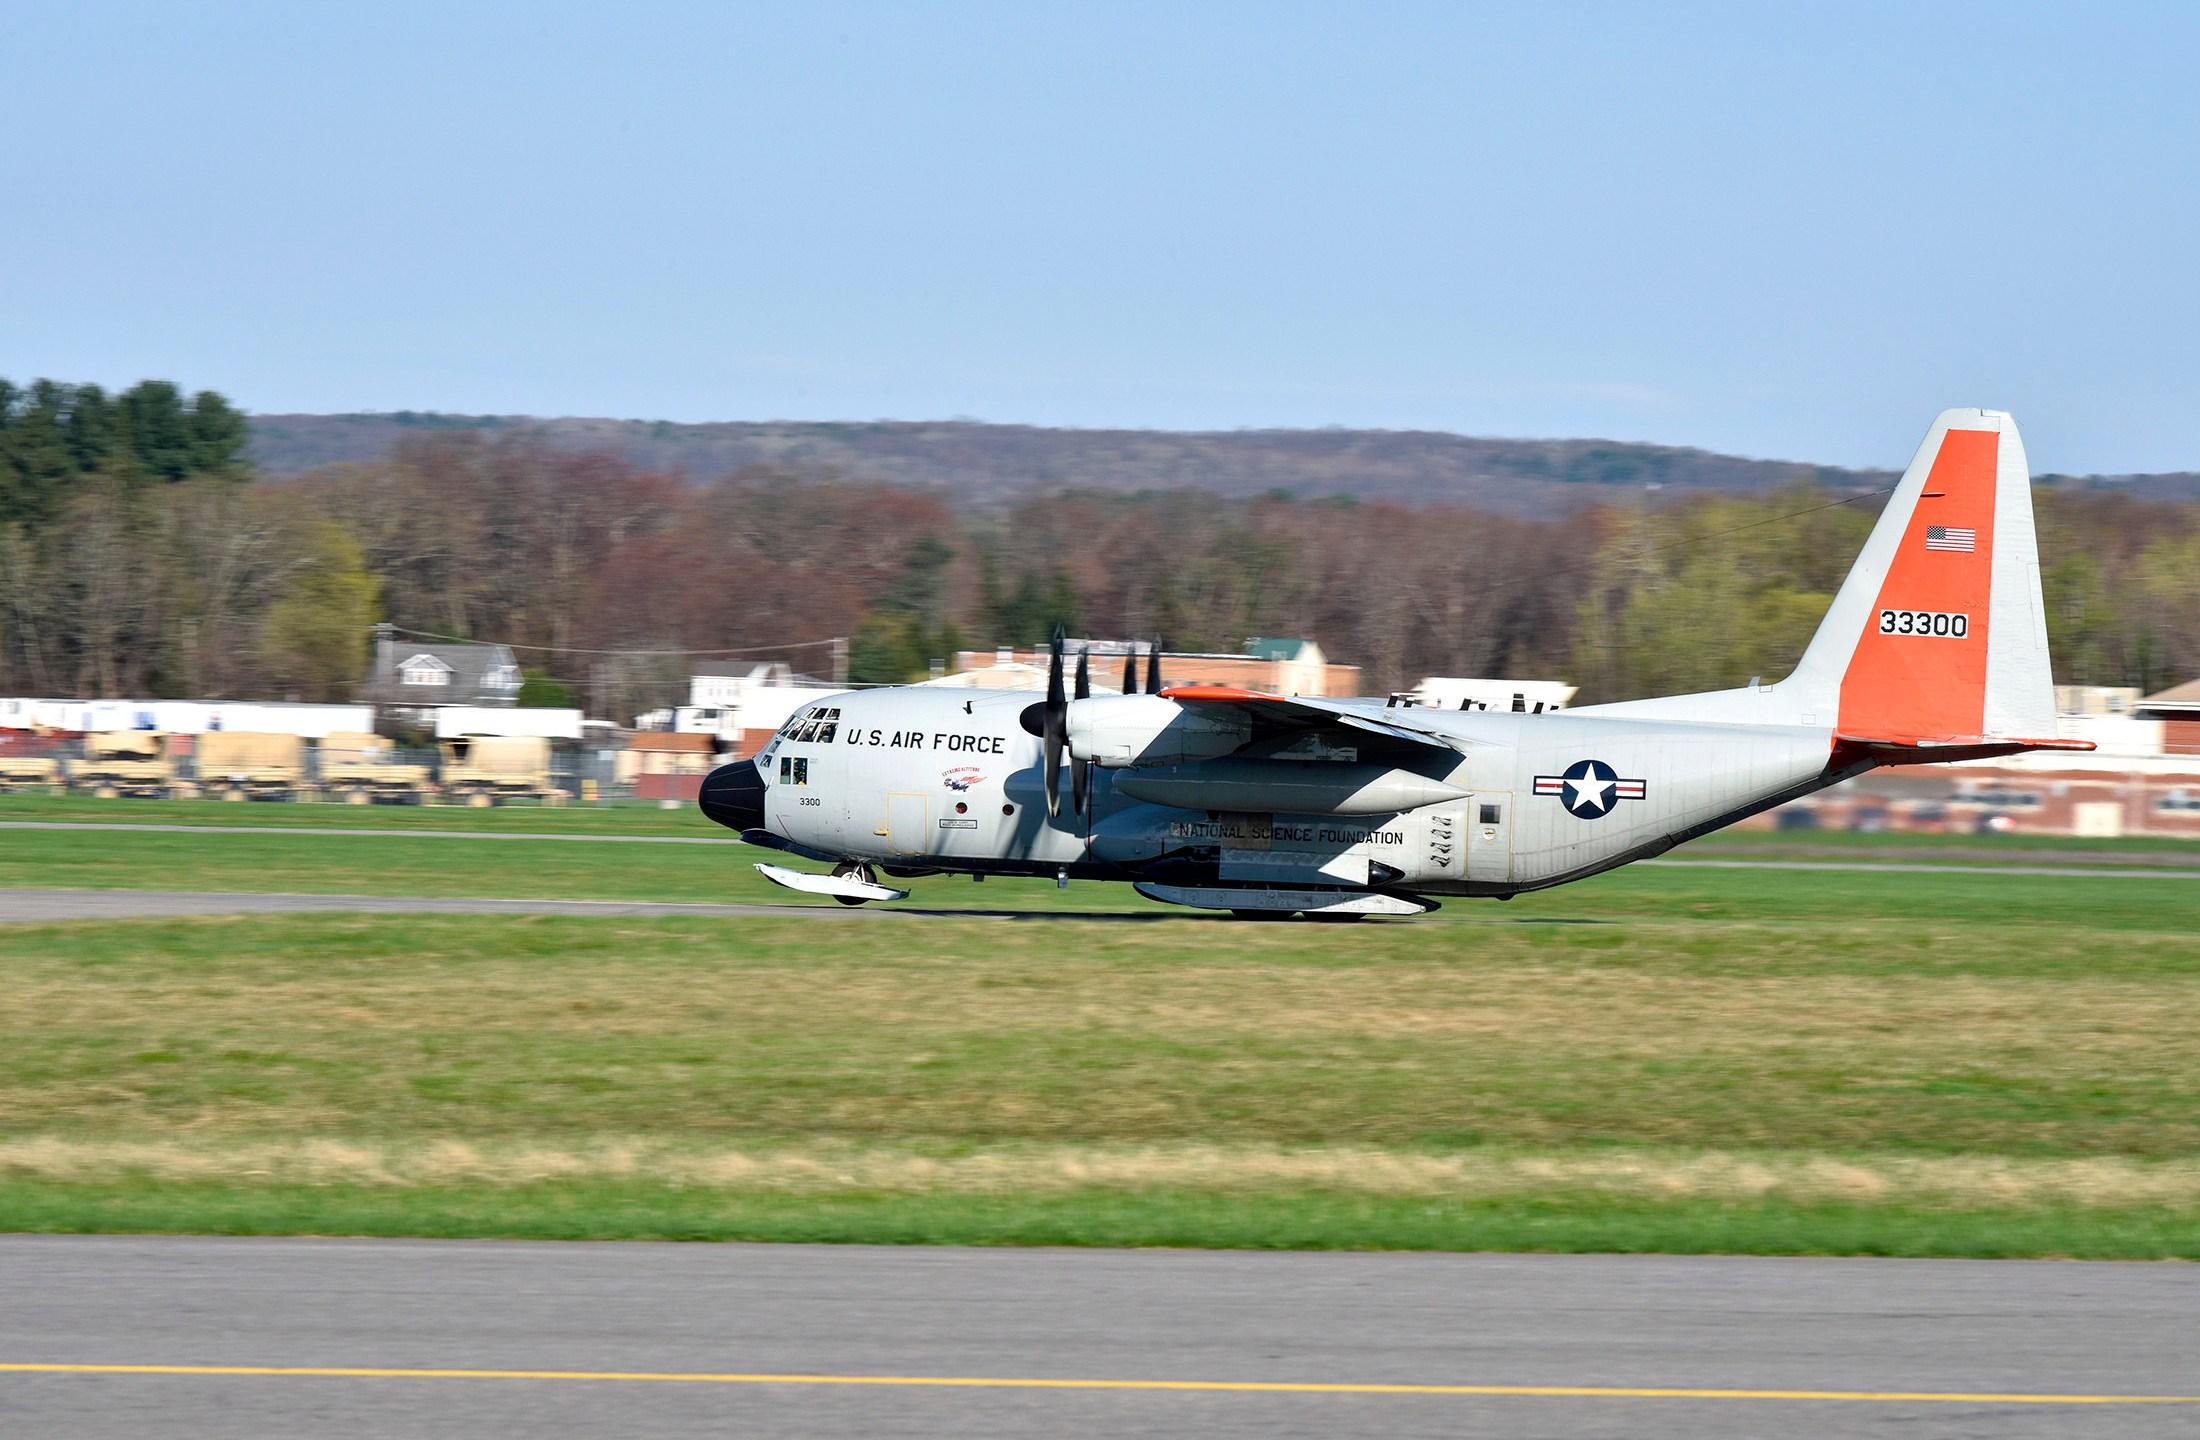 NY Air National Guard Antartica_1556115545731